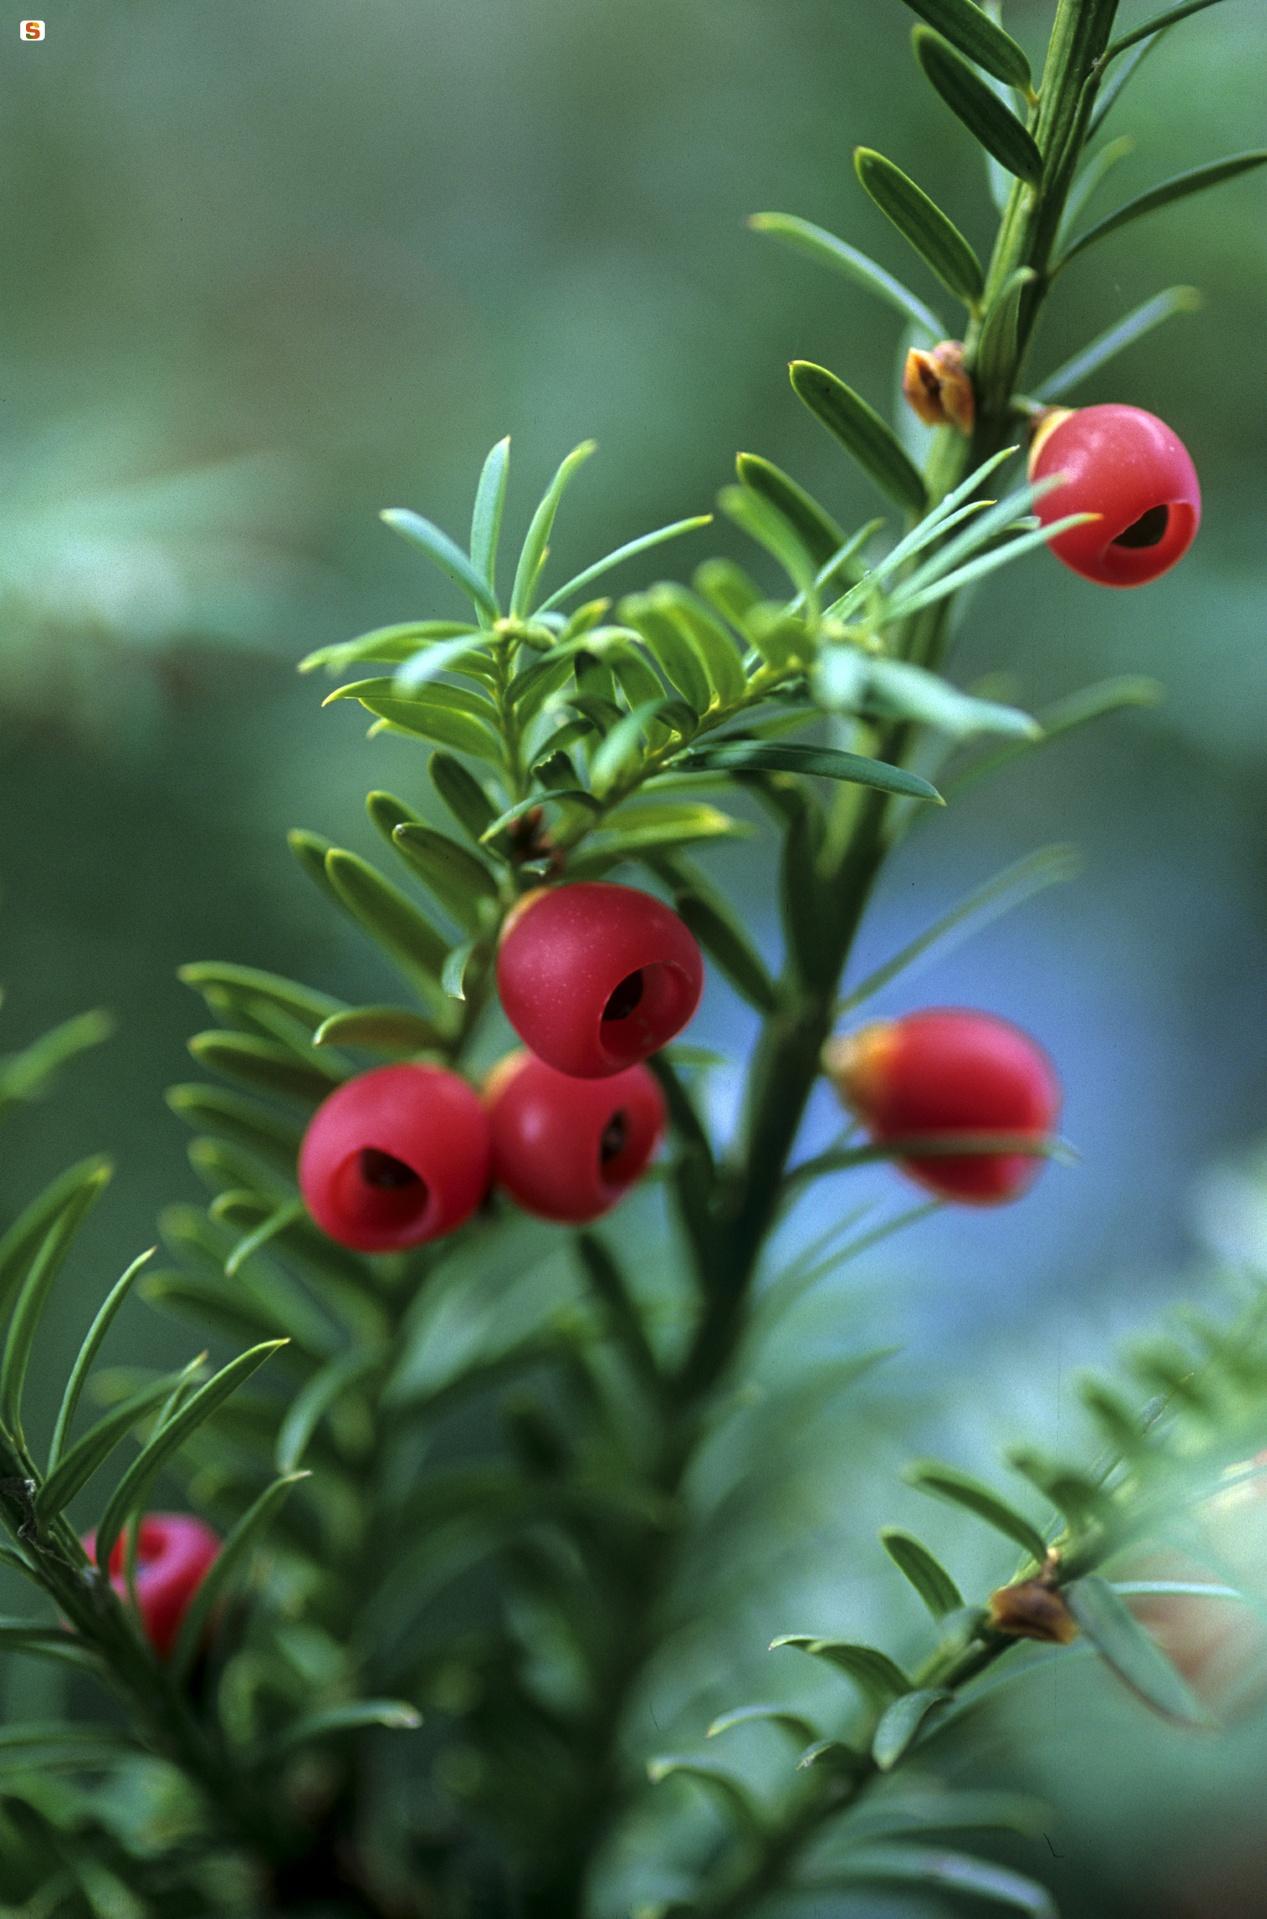 Frutto del Tasso, Taxus baccata, Foresta di Badde Salighes